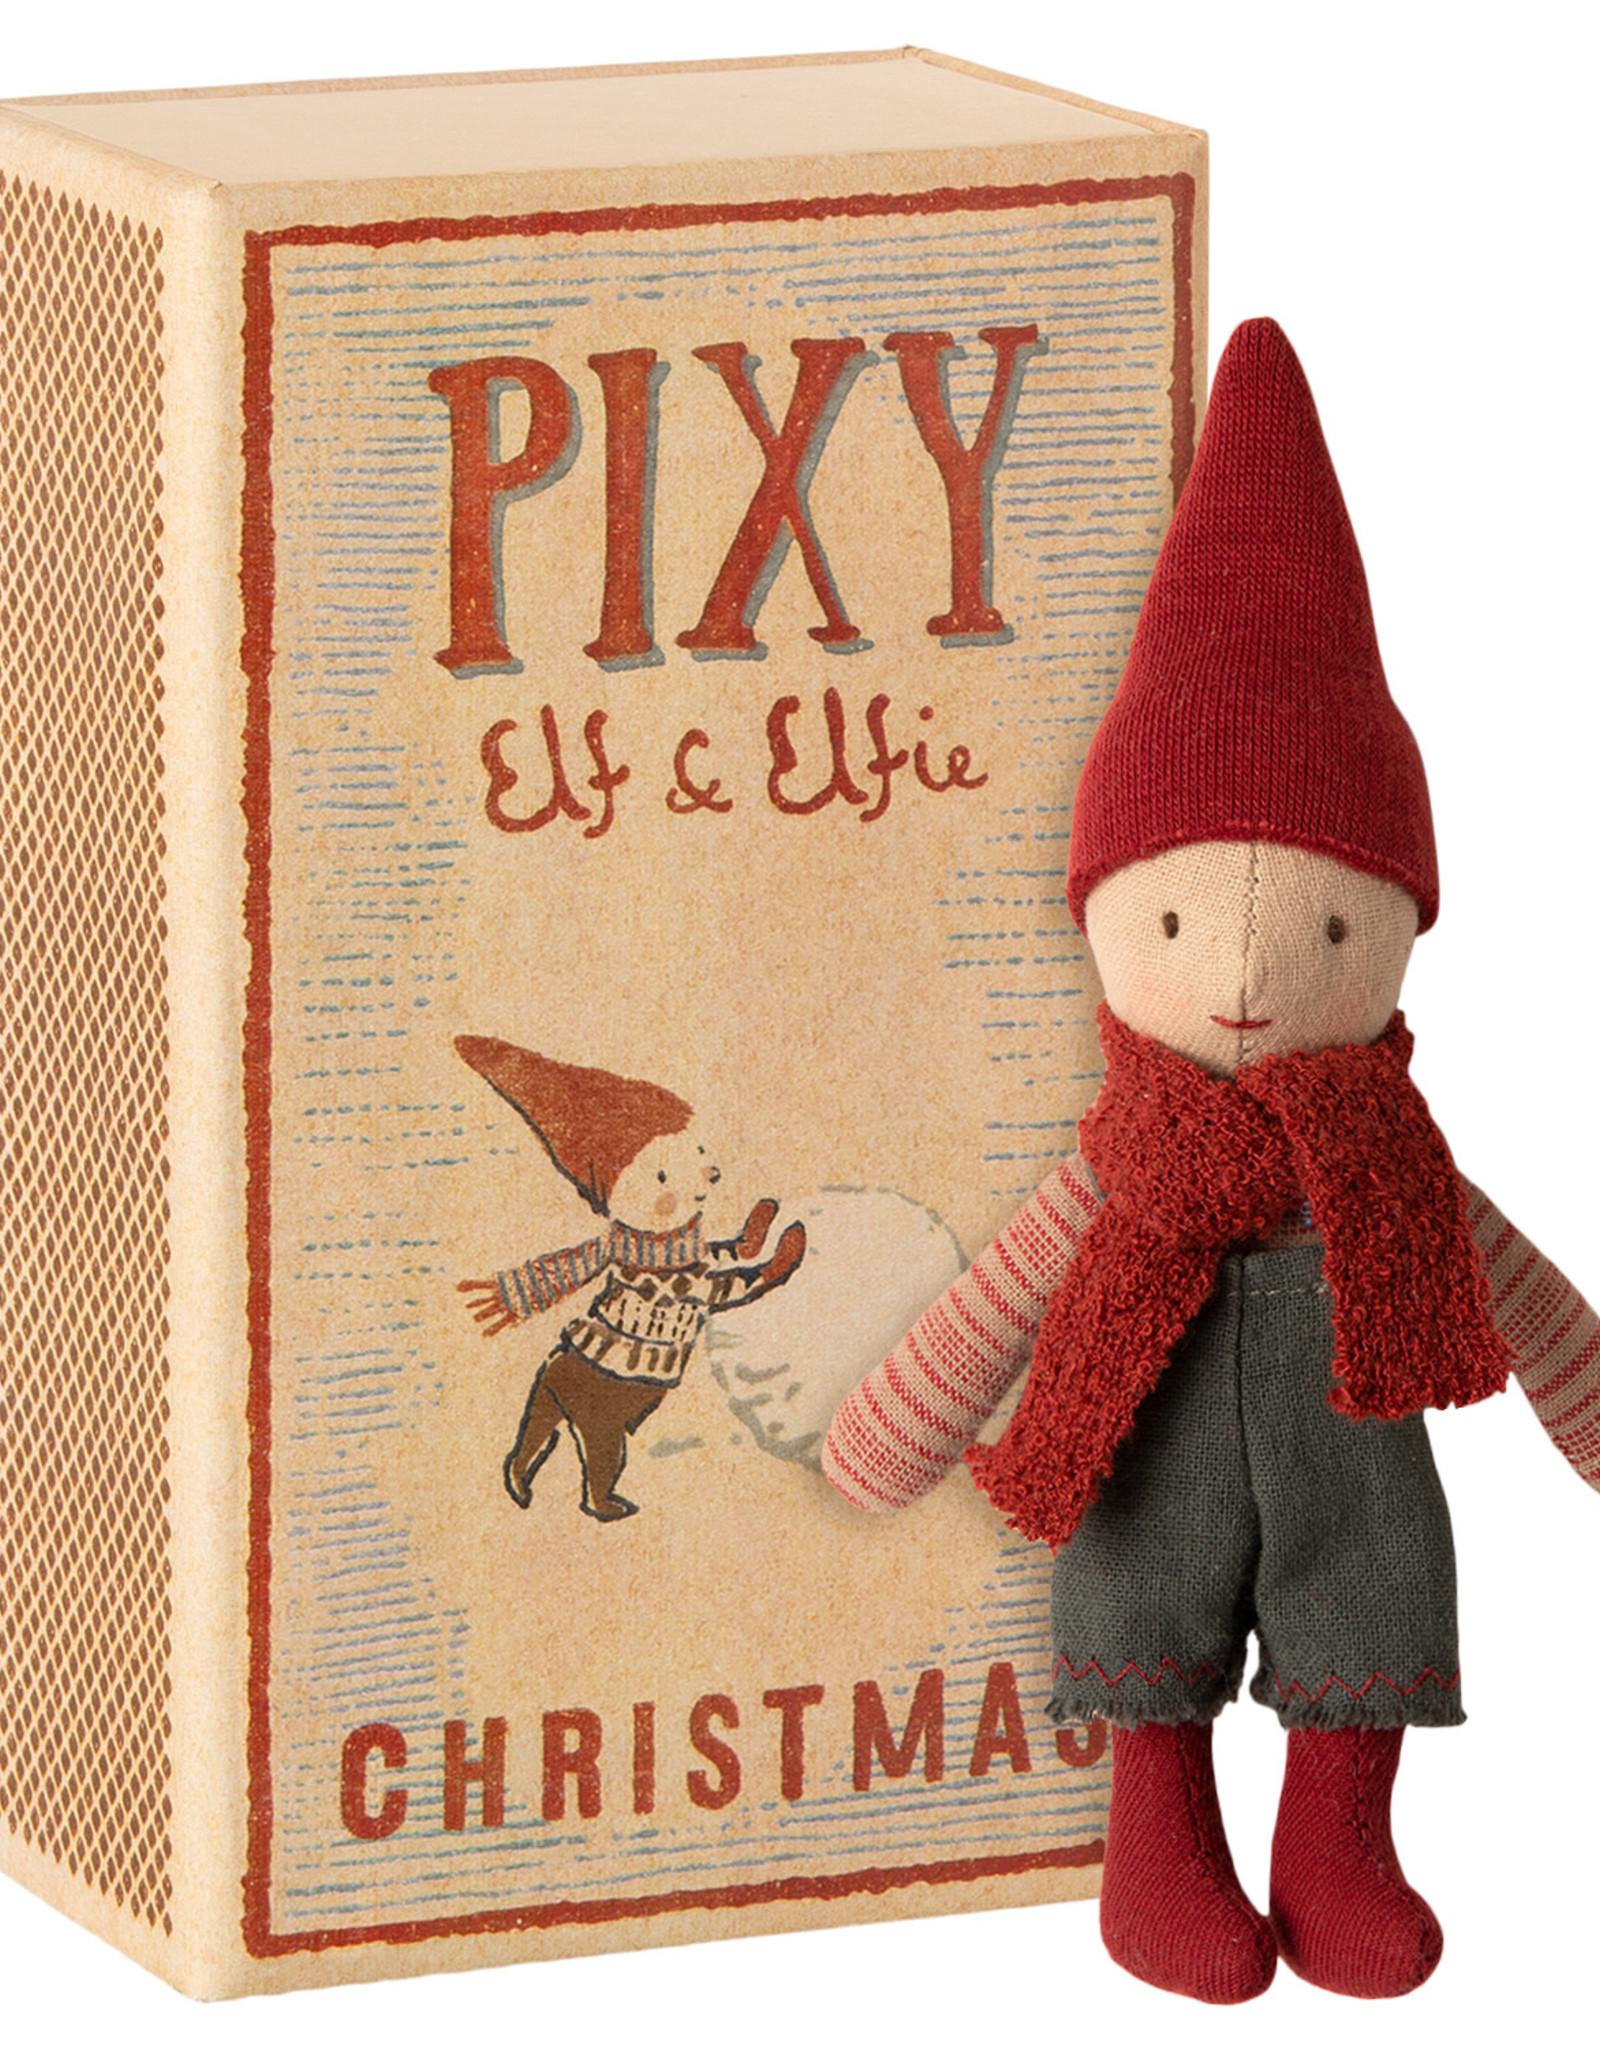 Maileg Pixy Elf in doosje